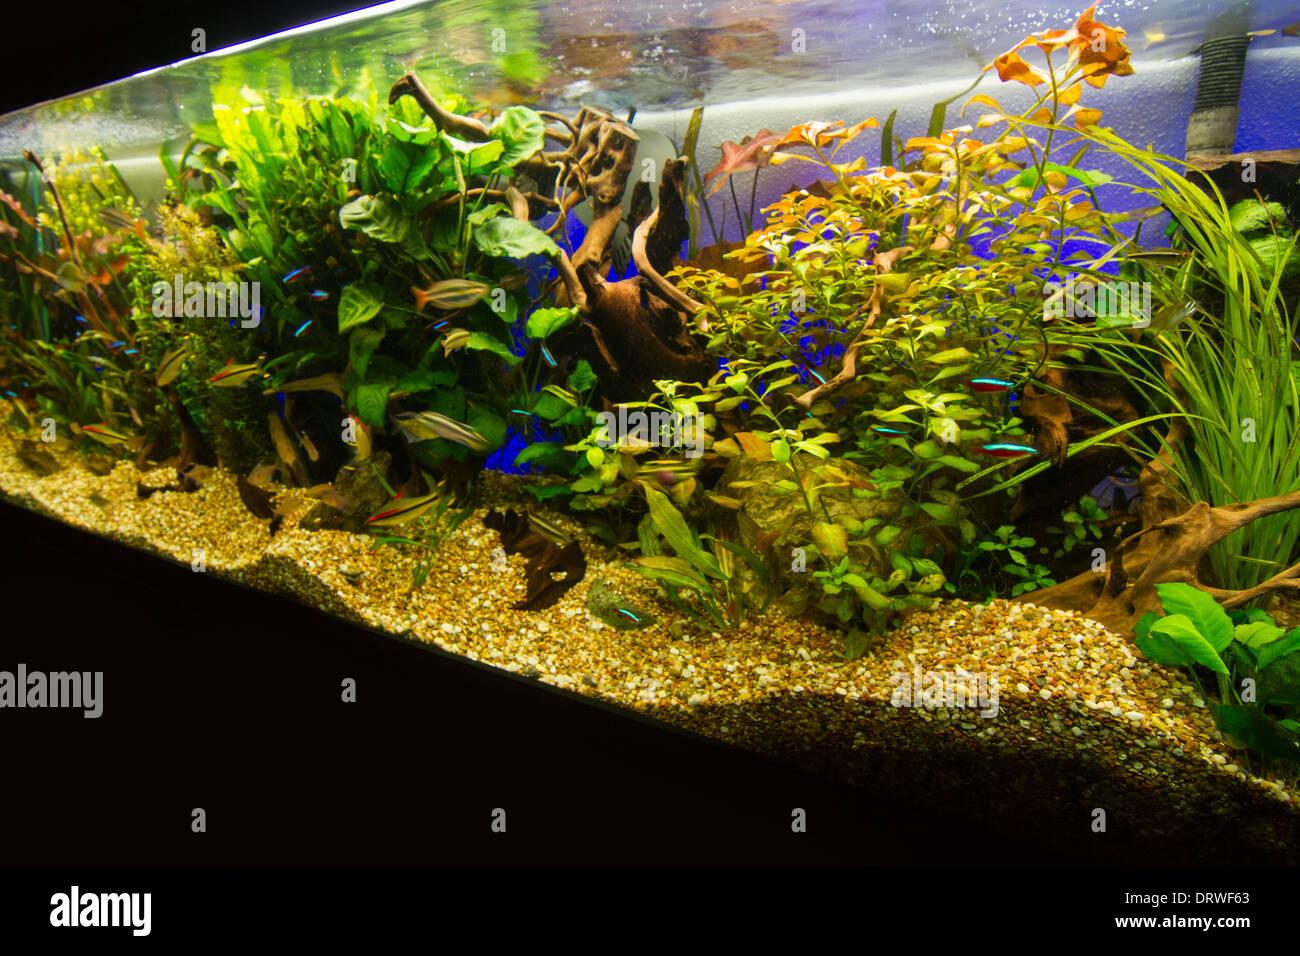 Huge Fish Tank Stock Photos & Huge Fish Tank Stock Images - Alamy